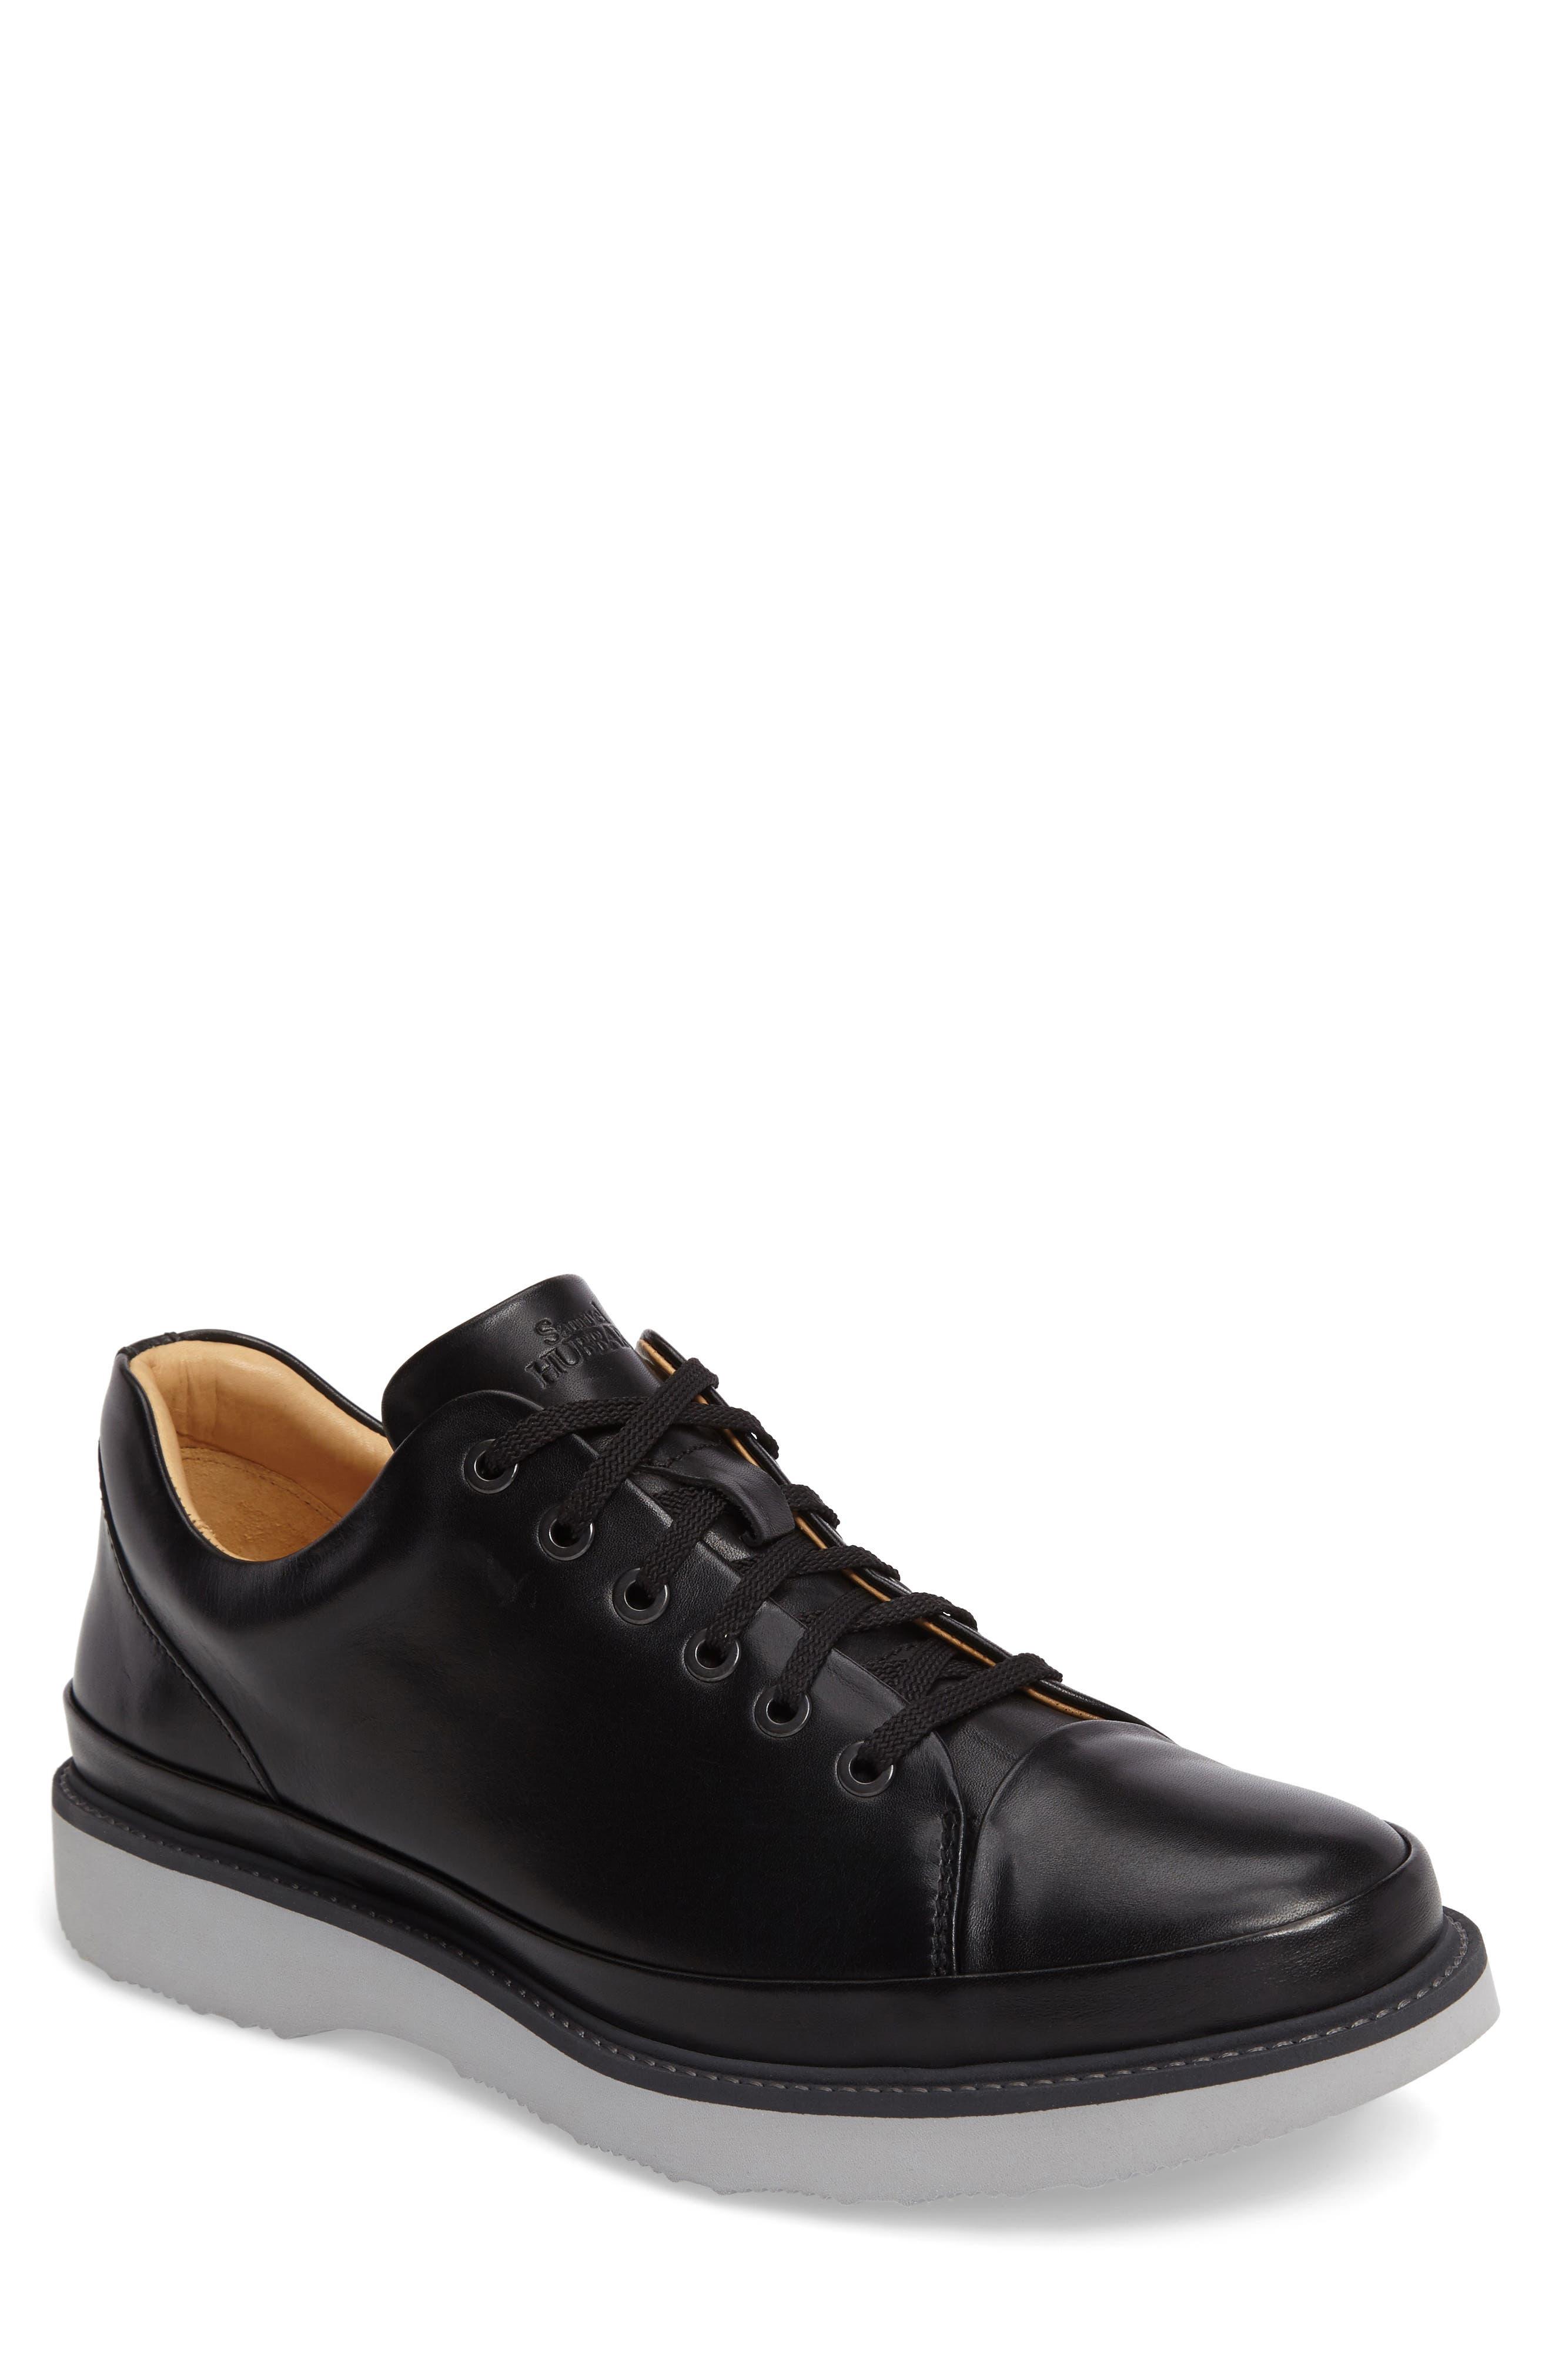 Men's Samuel Hubbard Sneaker, Size 7.5 W - Black